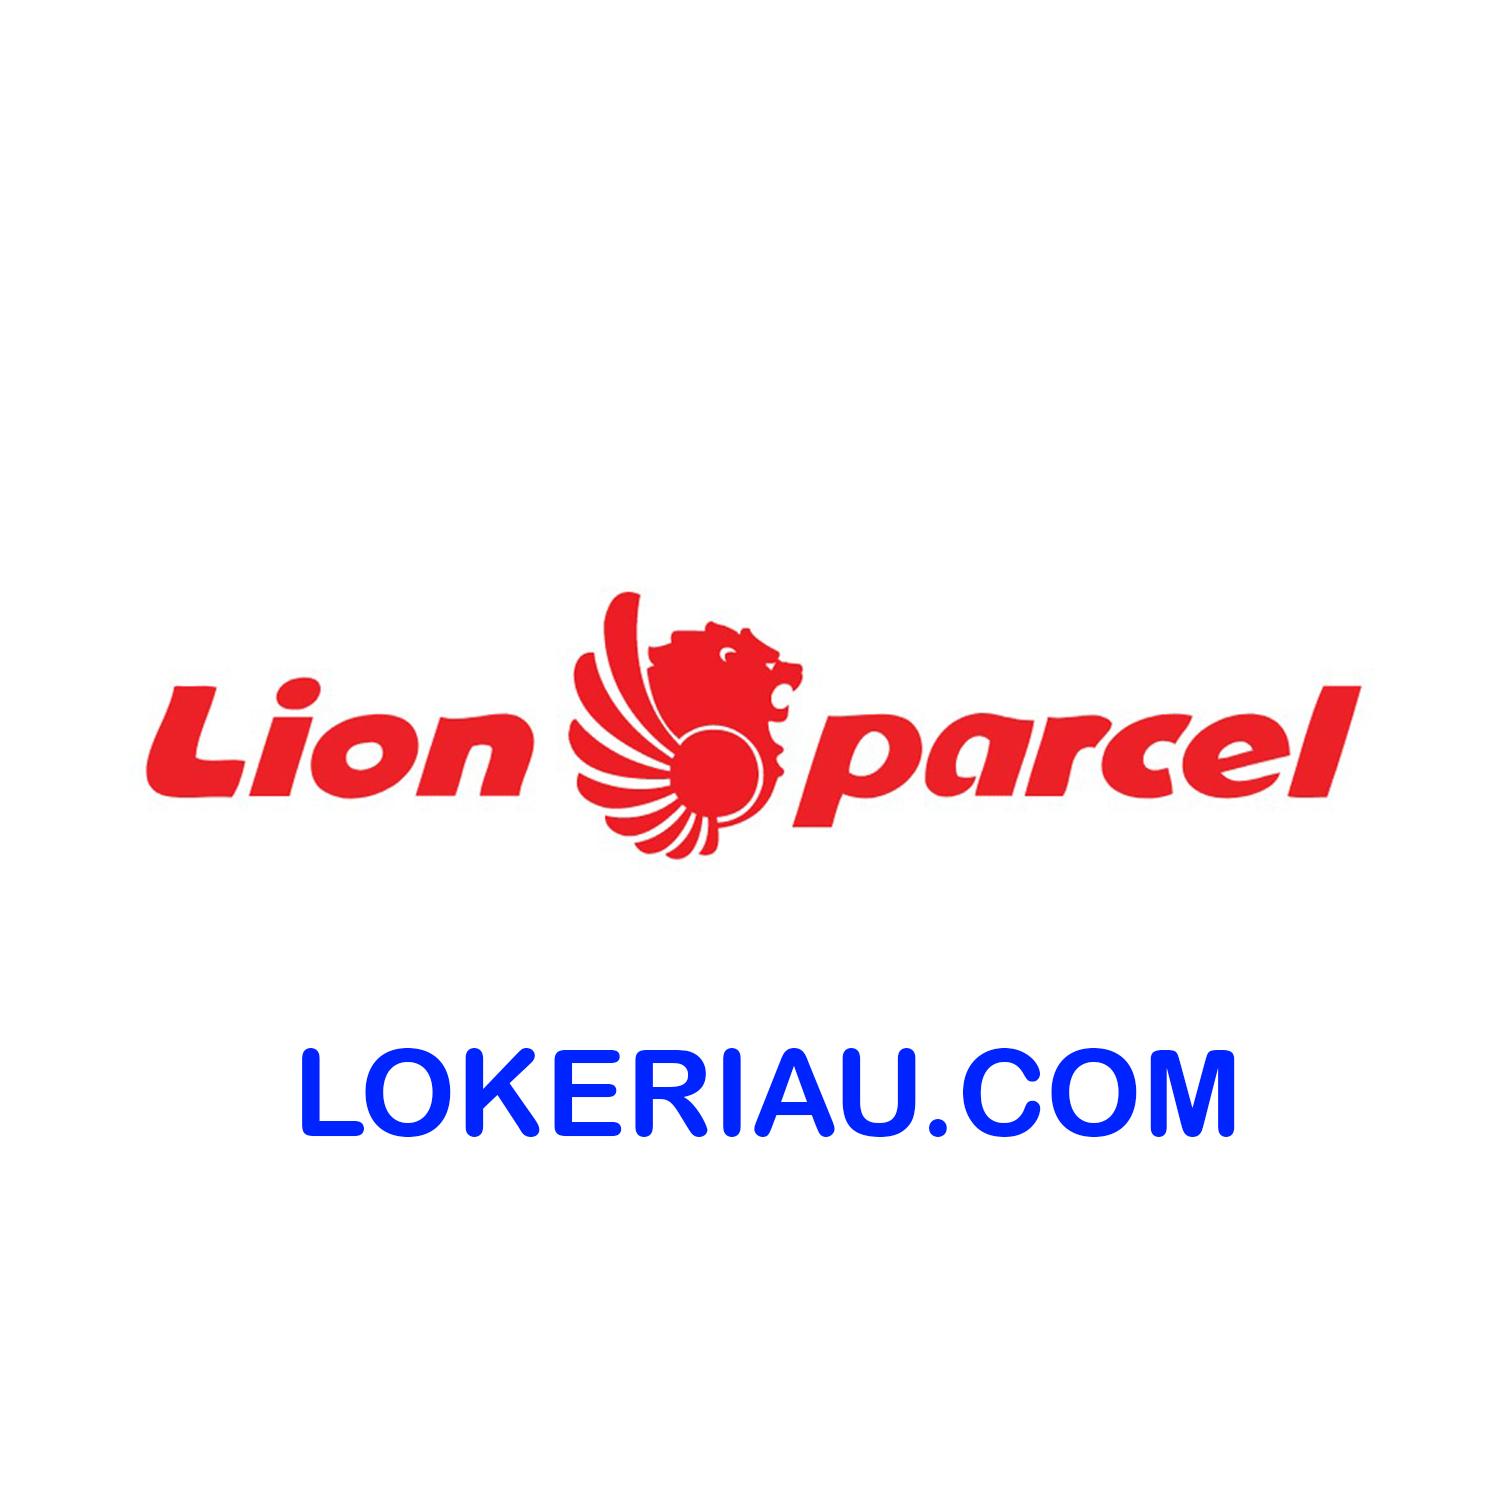 Lowongan kerja Lion Parcel Pekanbaru